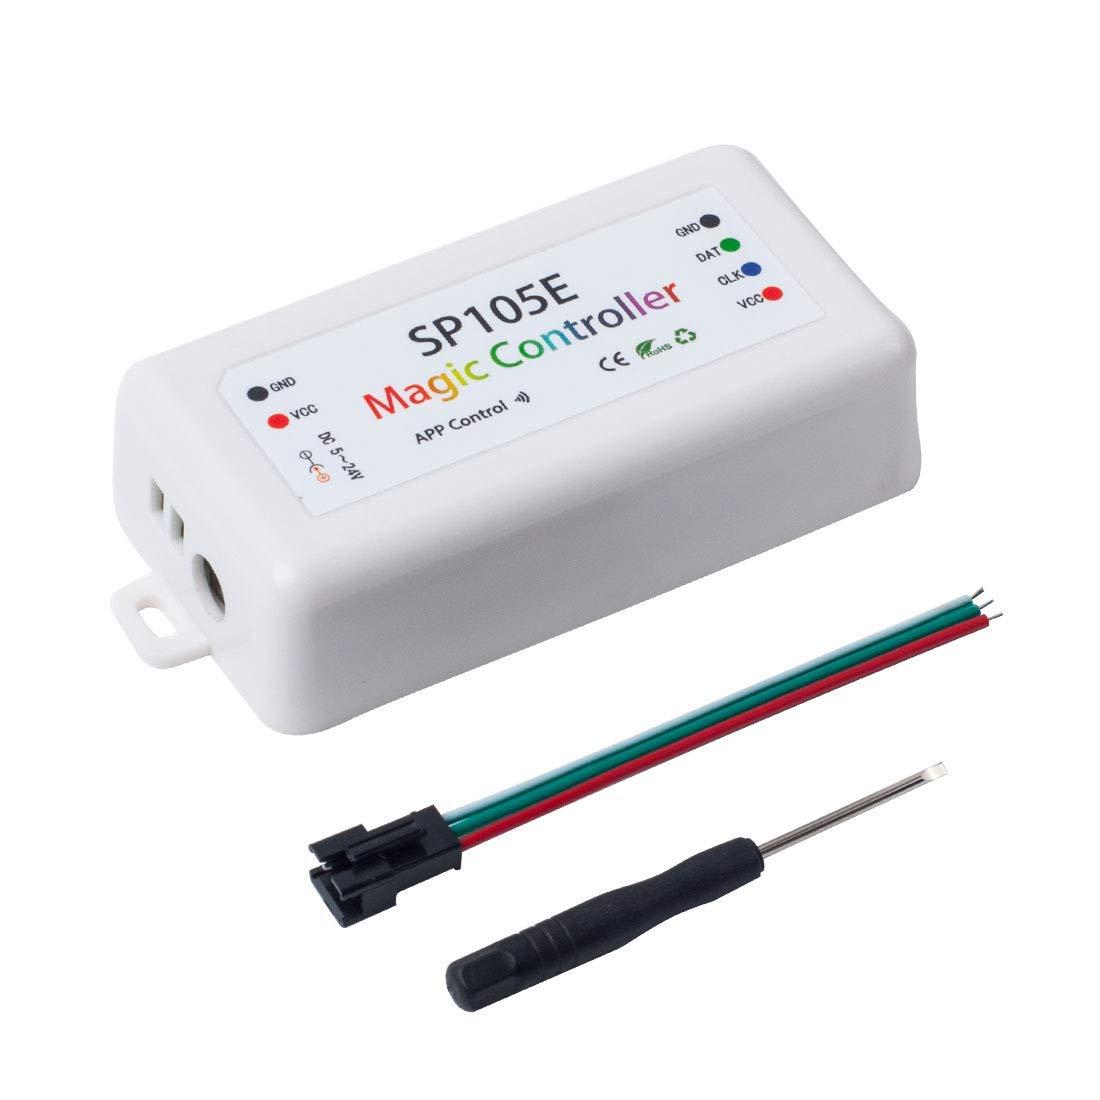 Rgb-controller Sonderabschnitt Sp105e Wireless Bluetooth Controller App Ws2811 Ws2812b Ws2801 Sk6812 Apa102 Einzeln Adressierbaren Programmierbare Led Streifen Pix